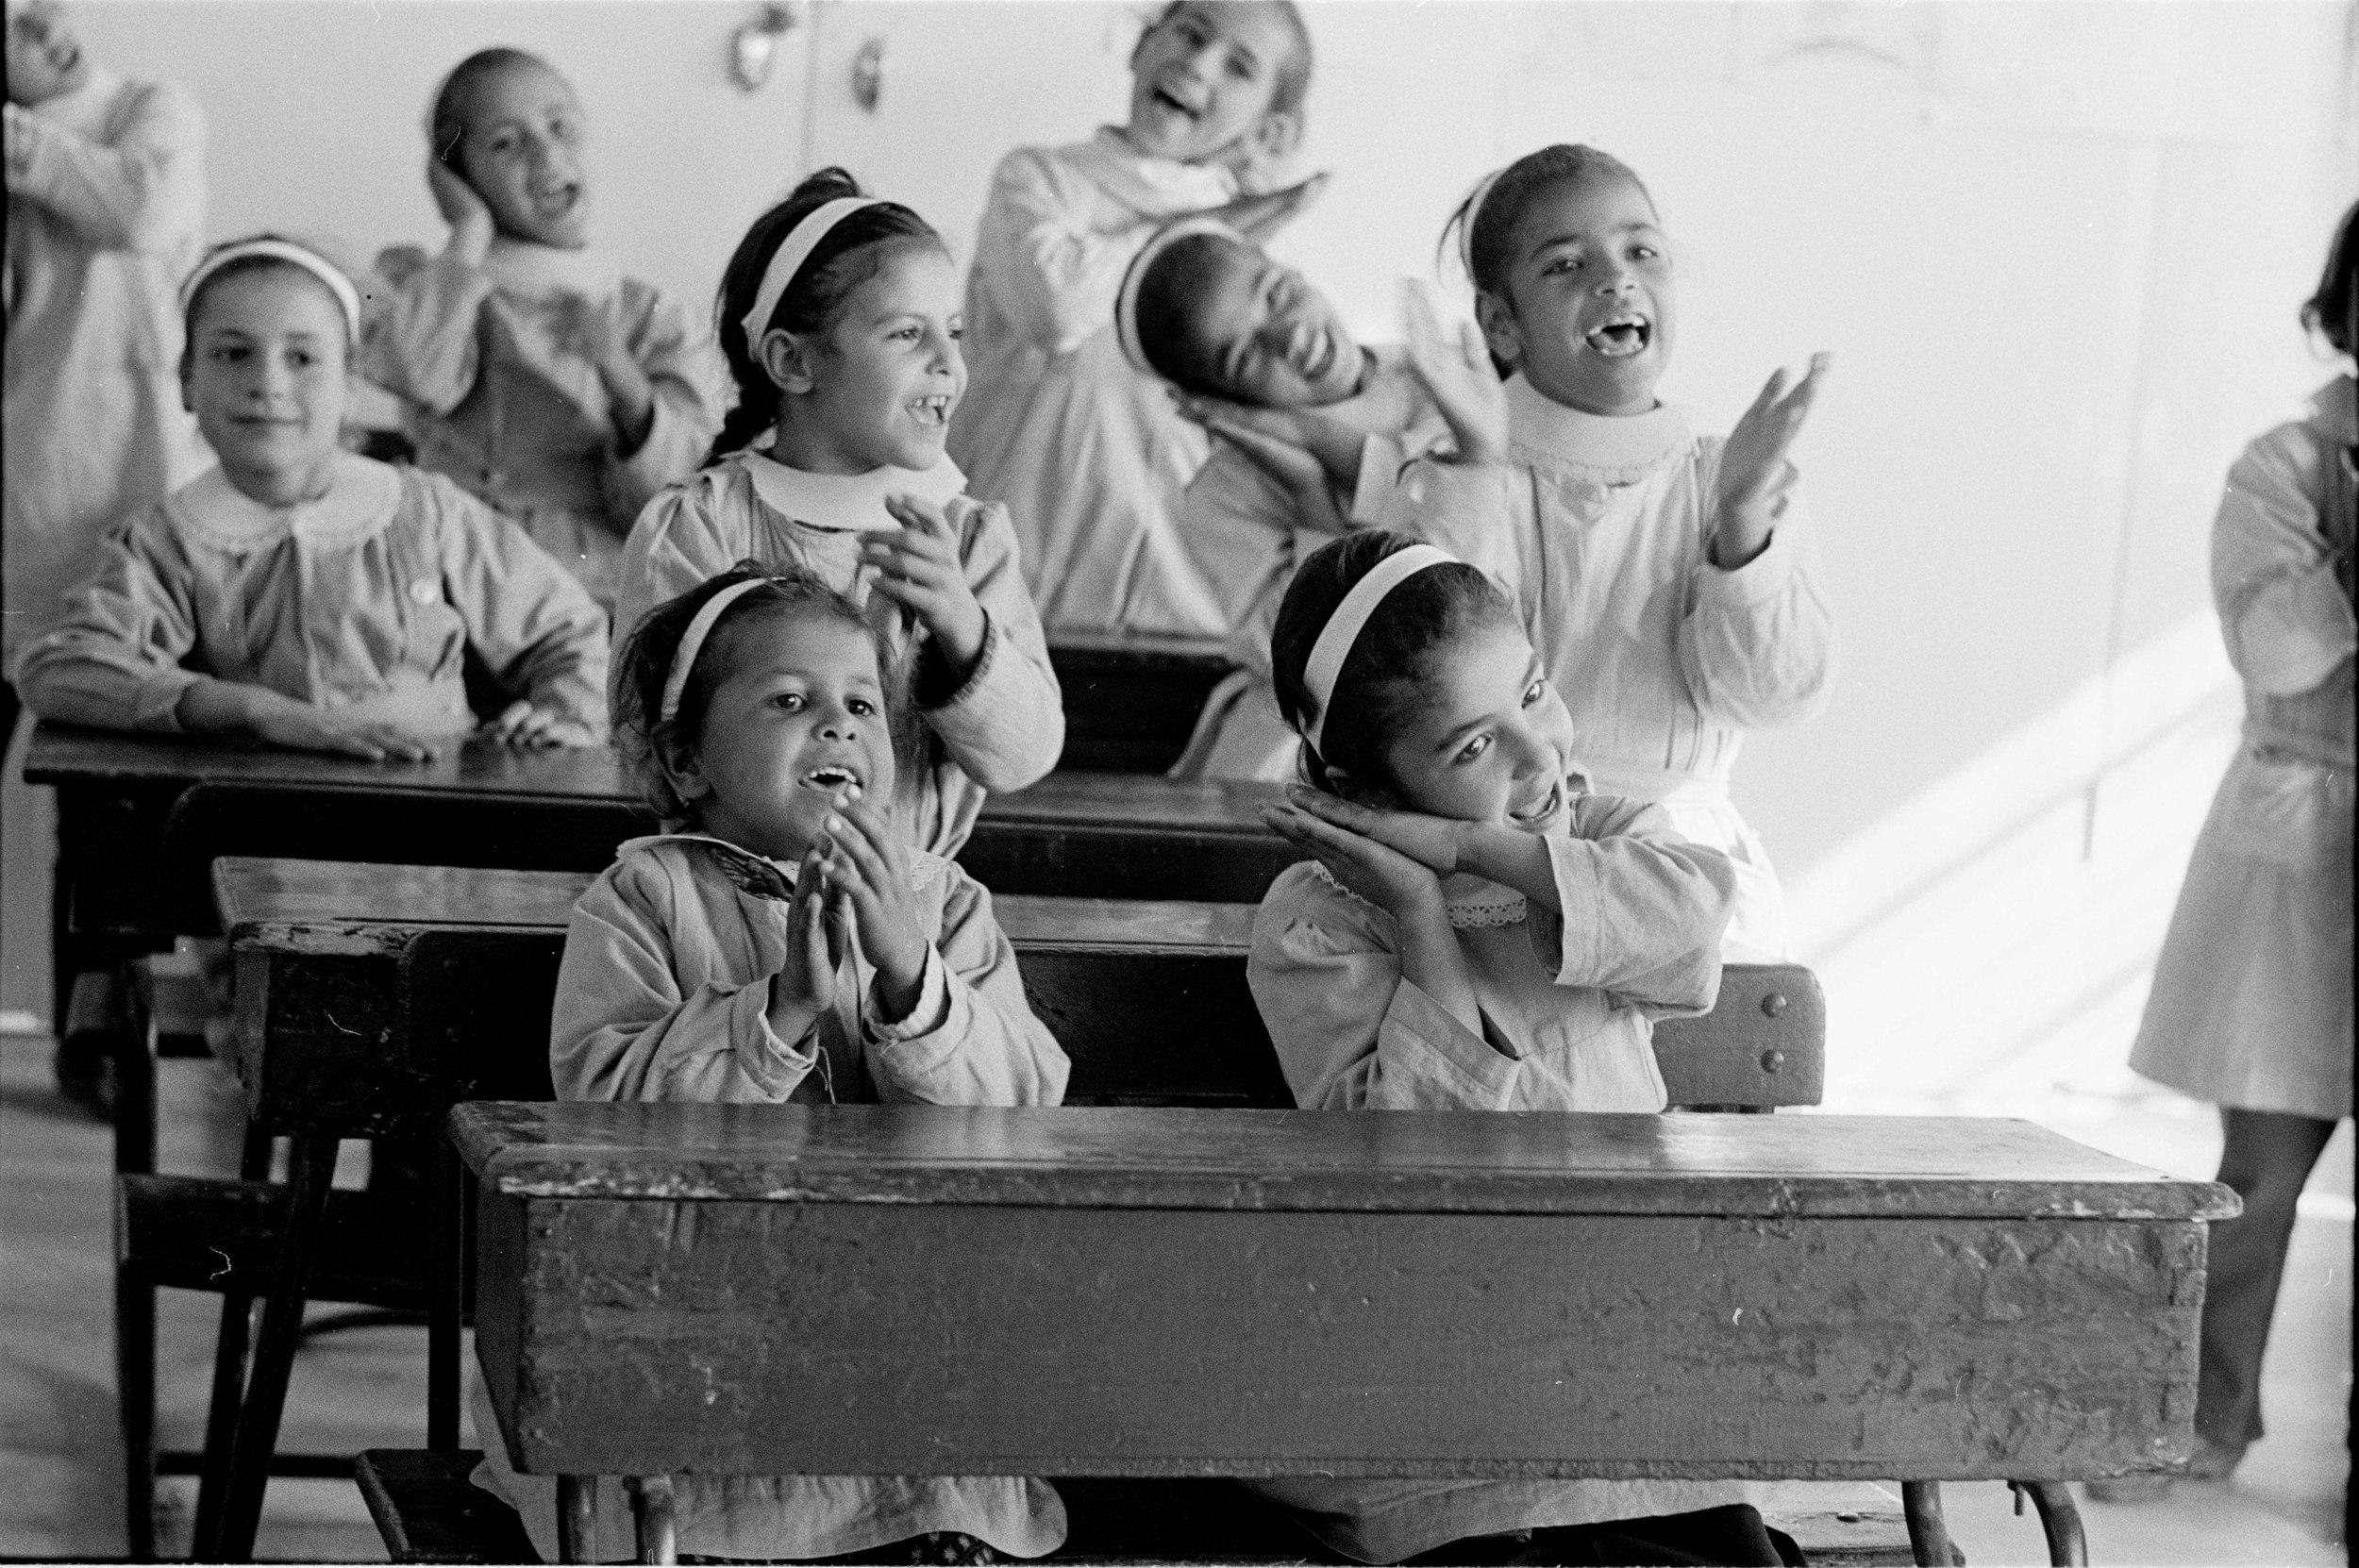 Sbeineh, UNRWA Archives